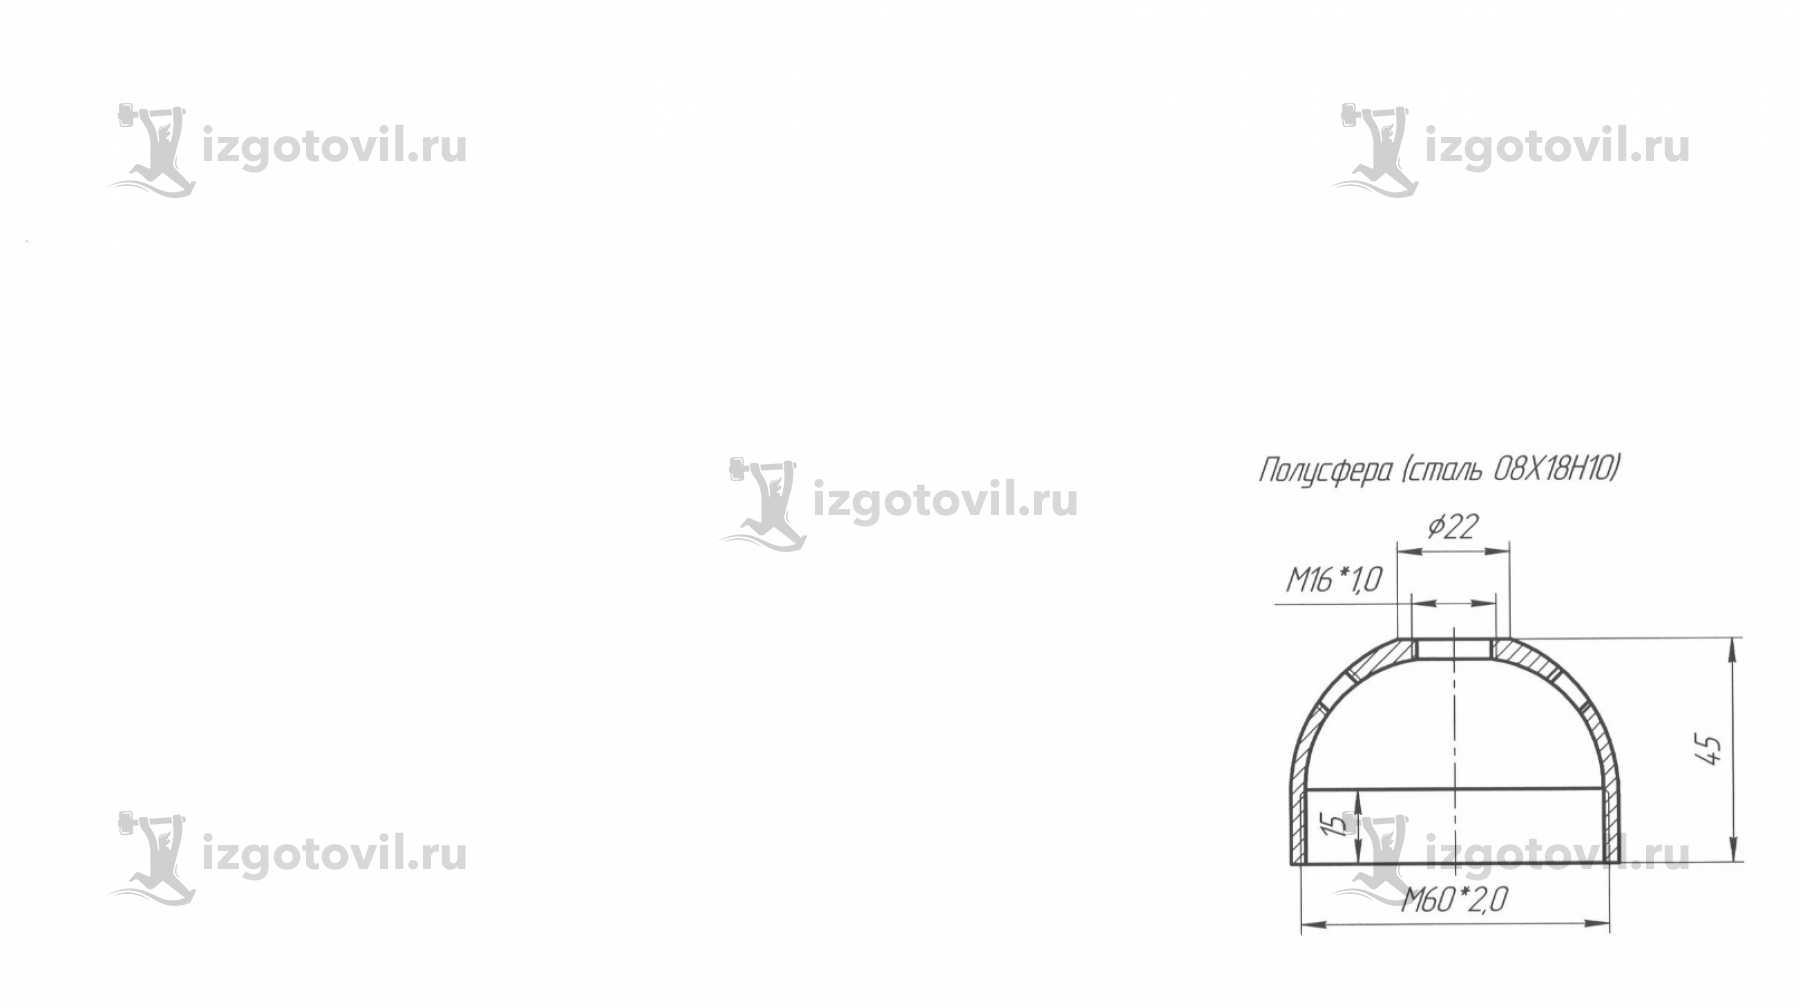 Токарная обработка деталей: опускная труба, полусфера, продувной клапан, шахта и штуцер